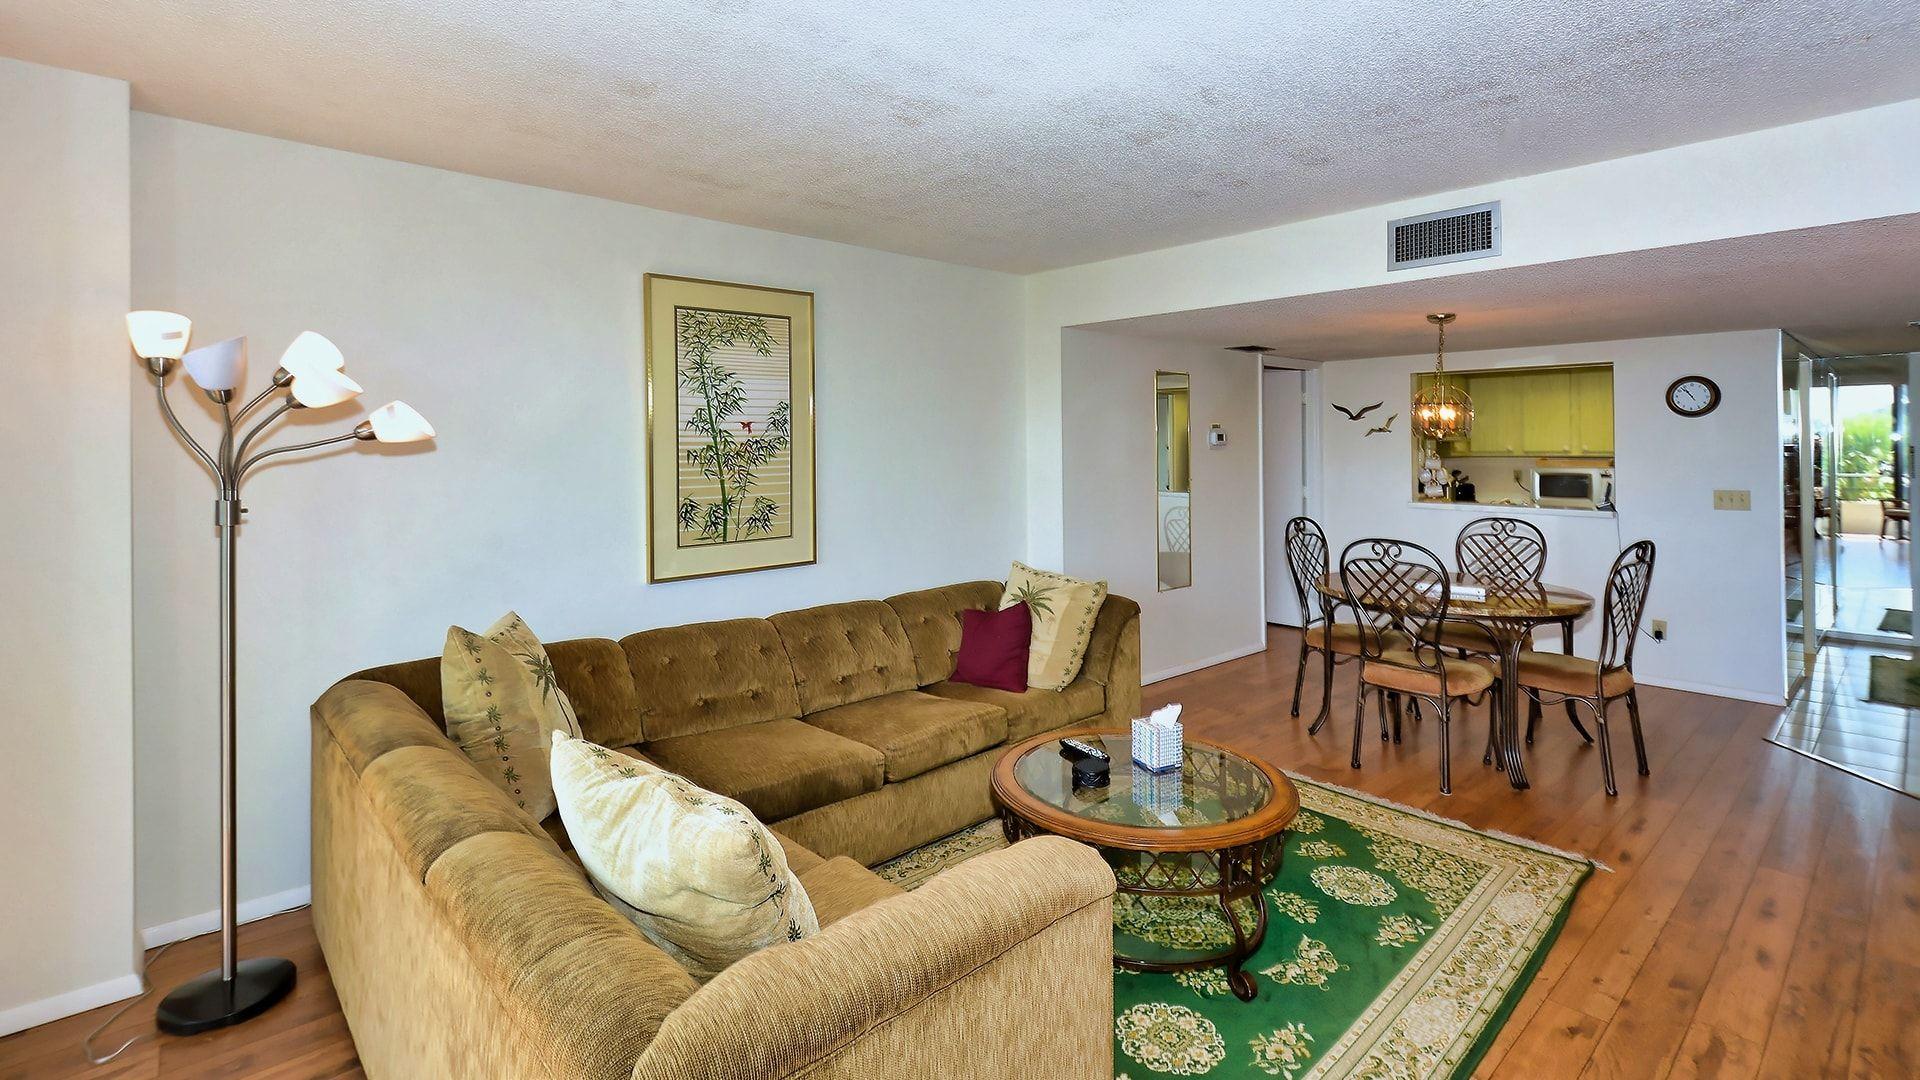 Living Room Angle 3